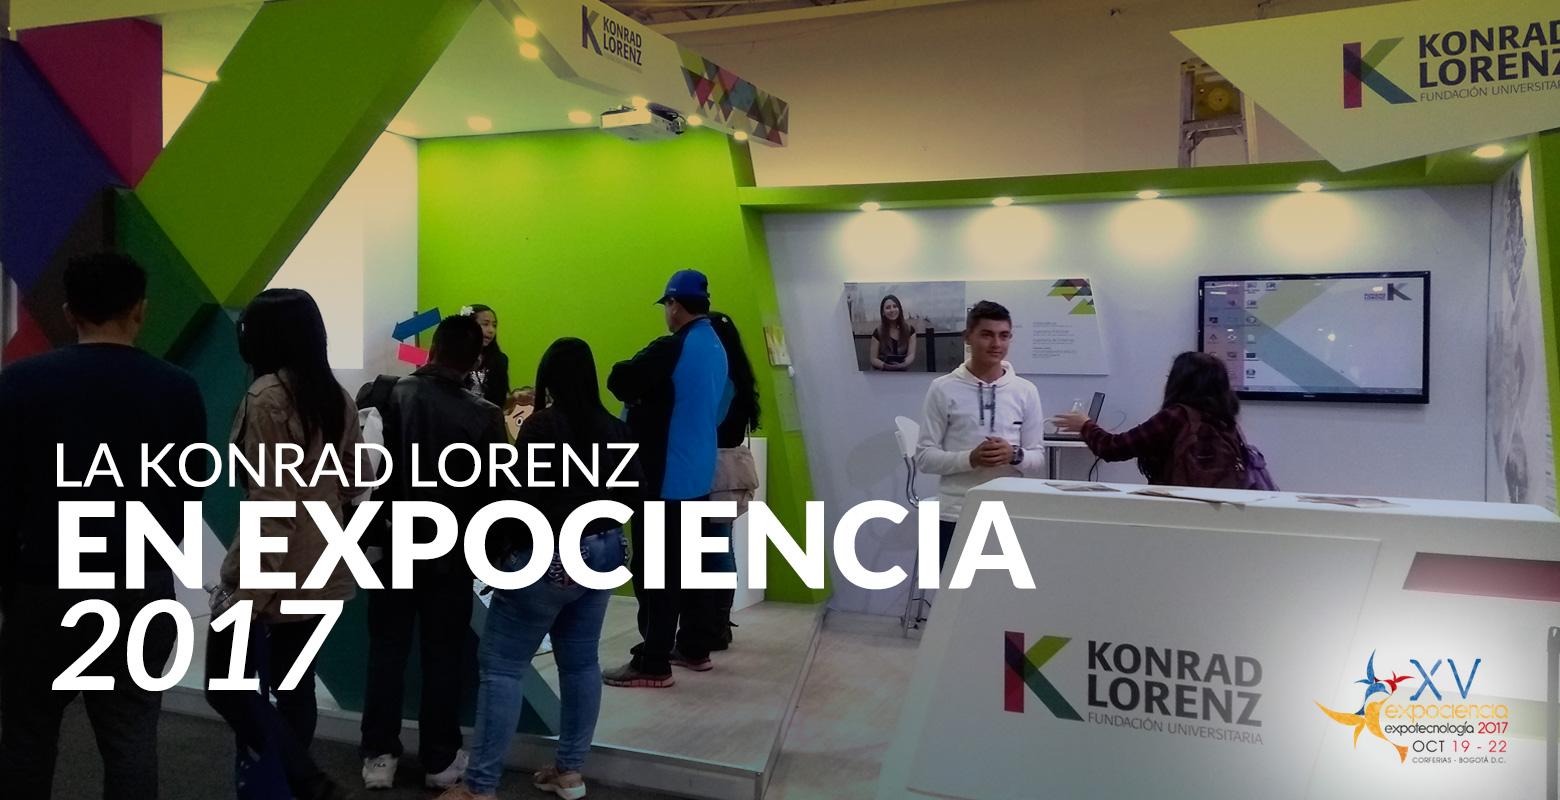 La Konrad Lorenz en Expociencia 2017